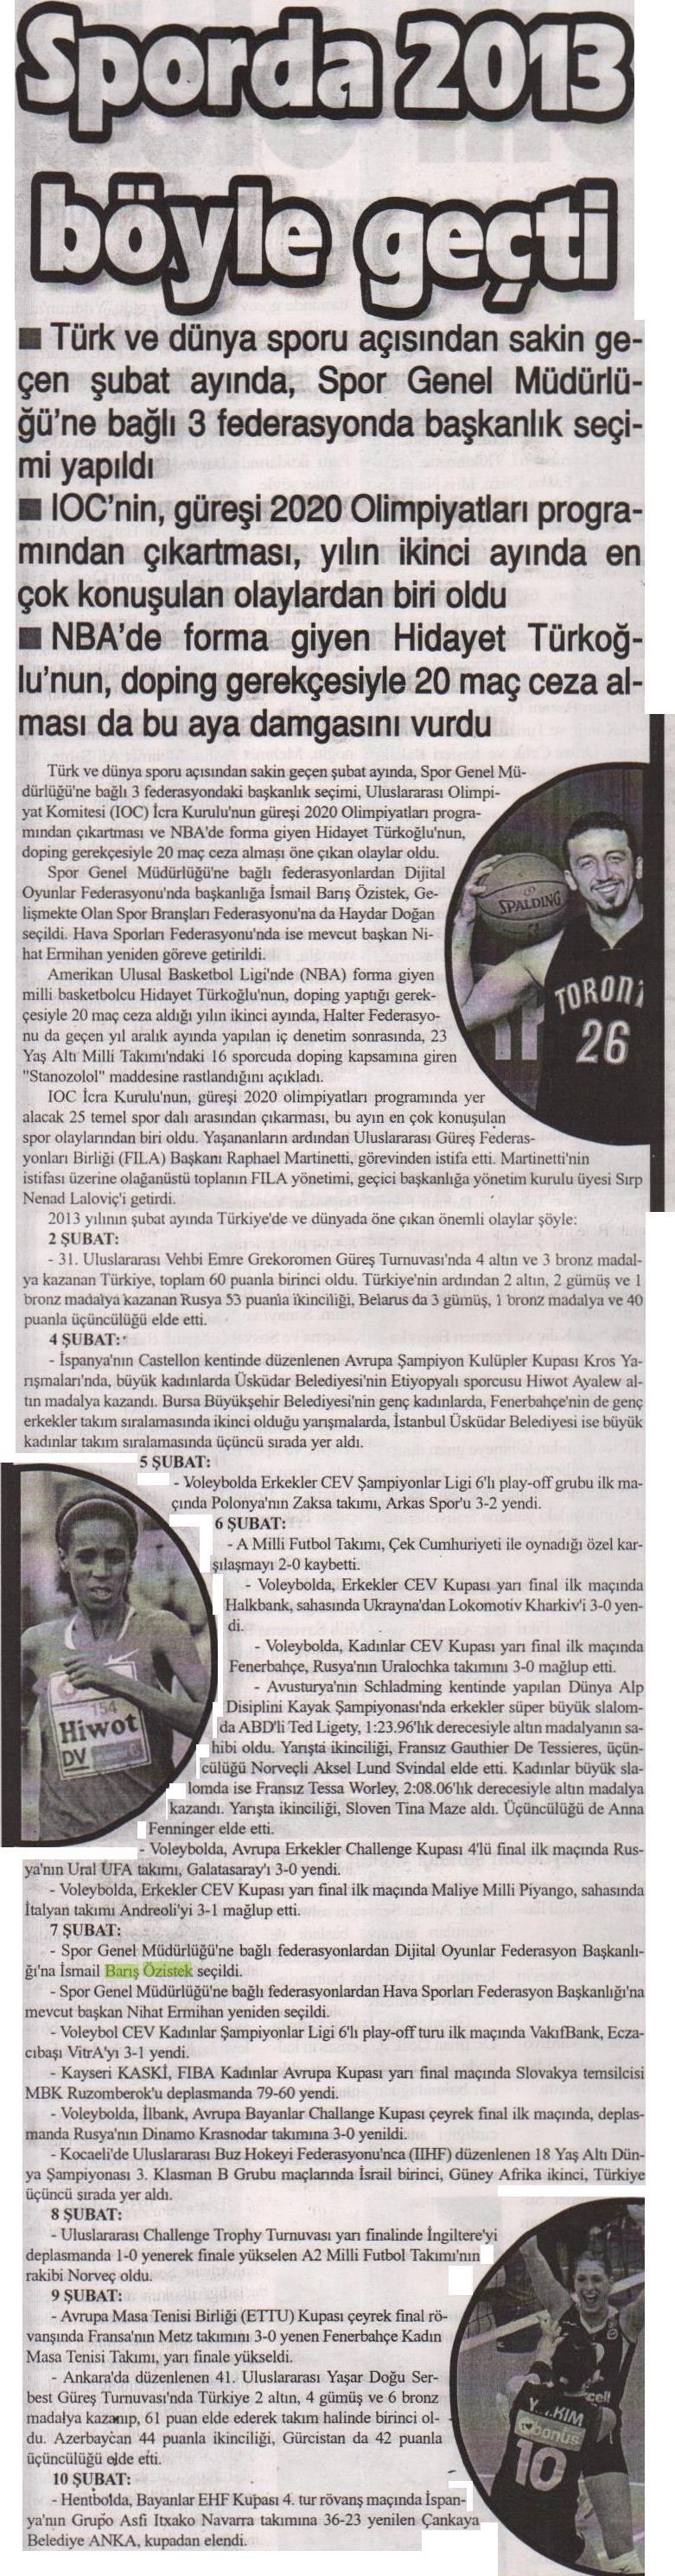 Netmarble-Turkey-Sivas-Irade-Gazetesi-Sayfa-8-27-Aralik-2013